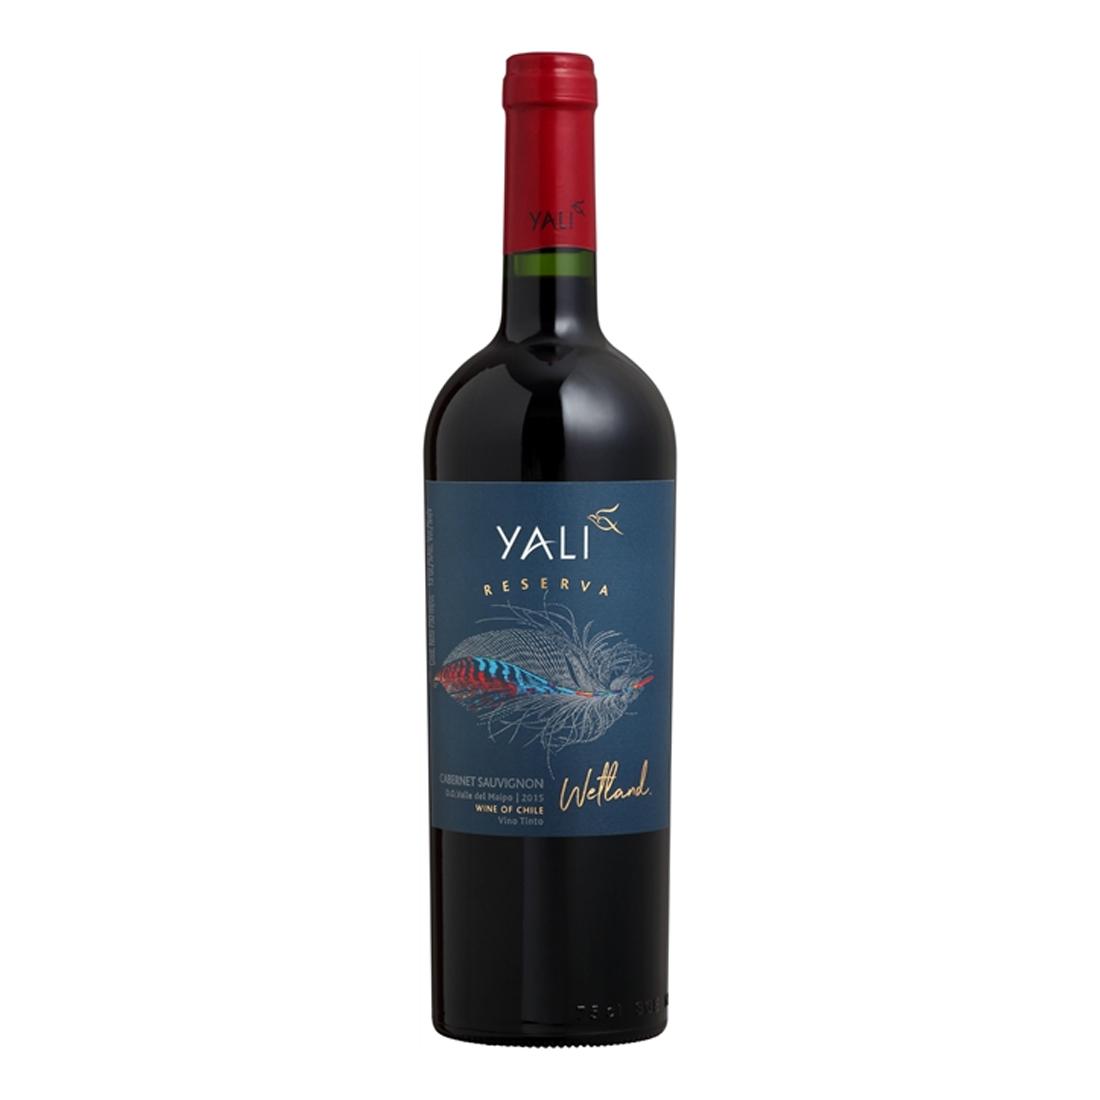 Vinho Yali Wetland Reserva Cabernet Sauvignon 750 ml